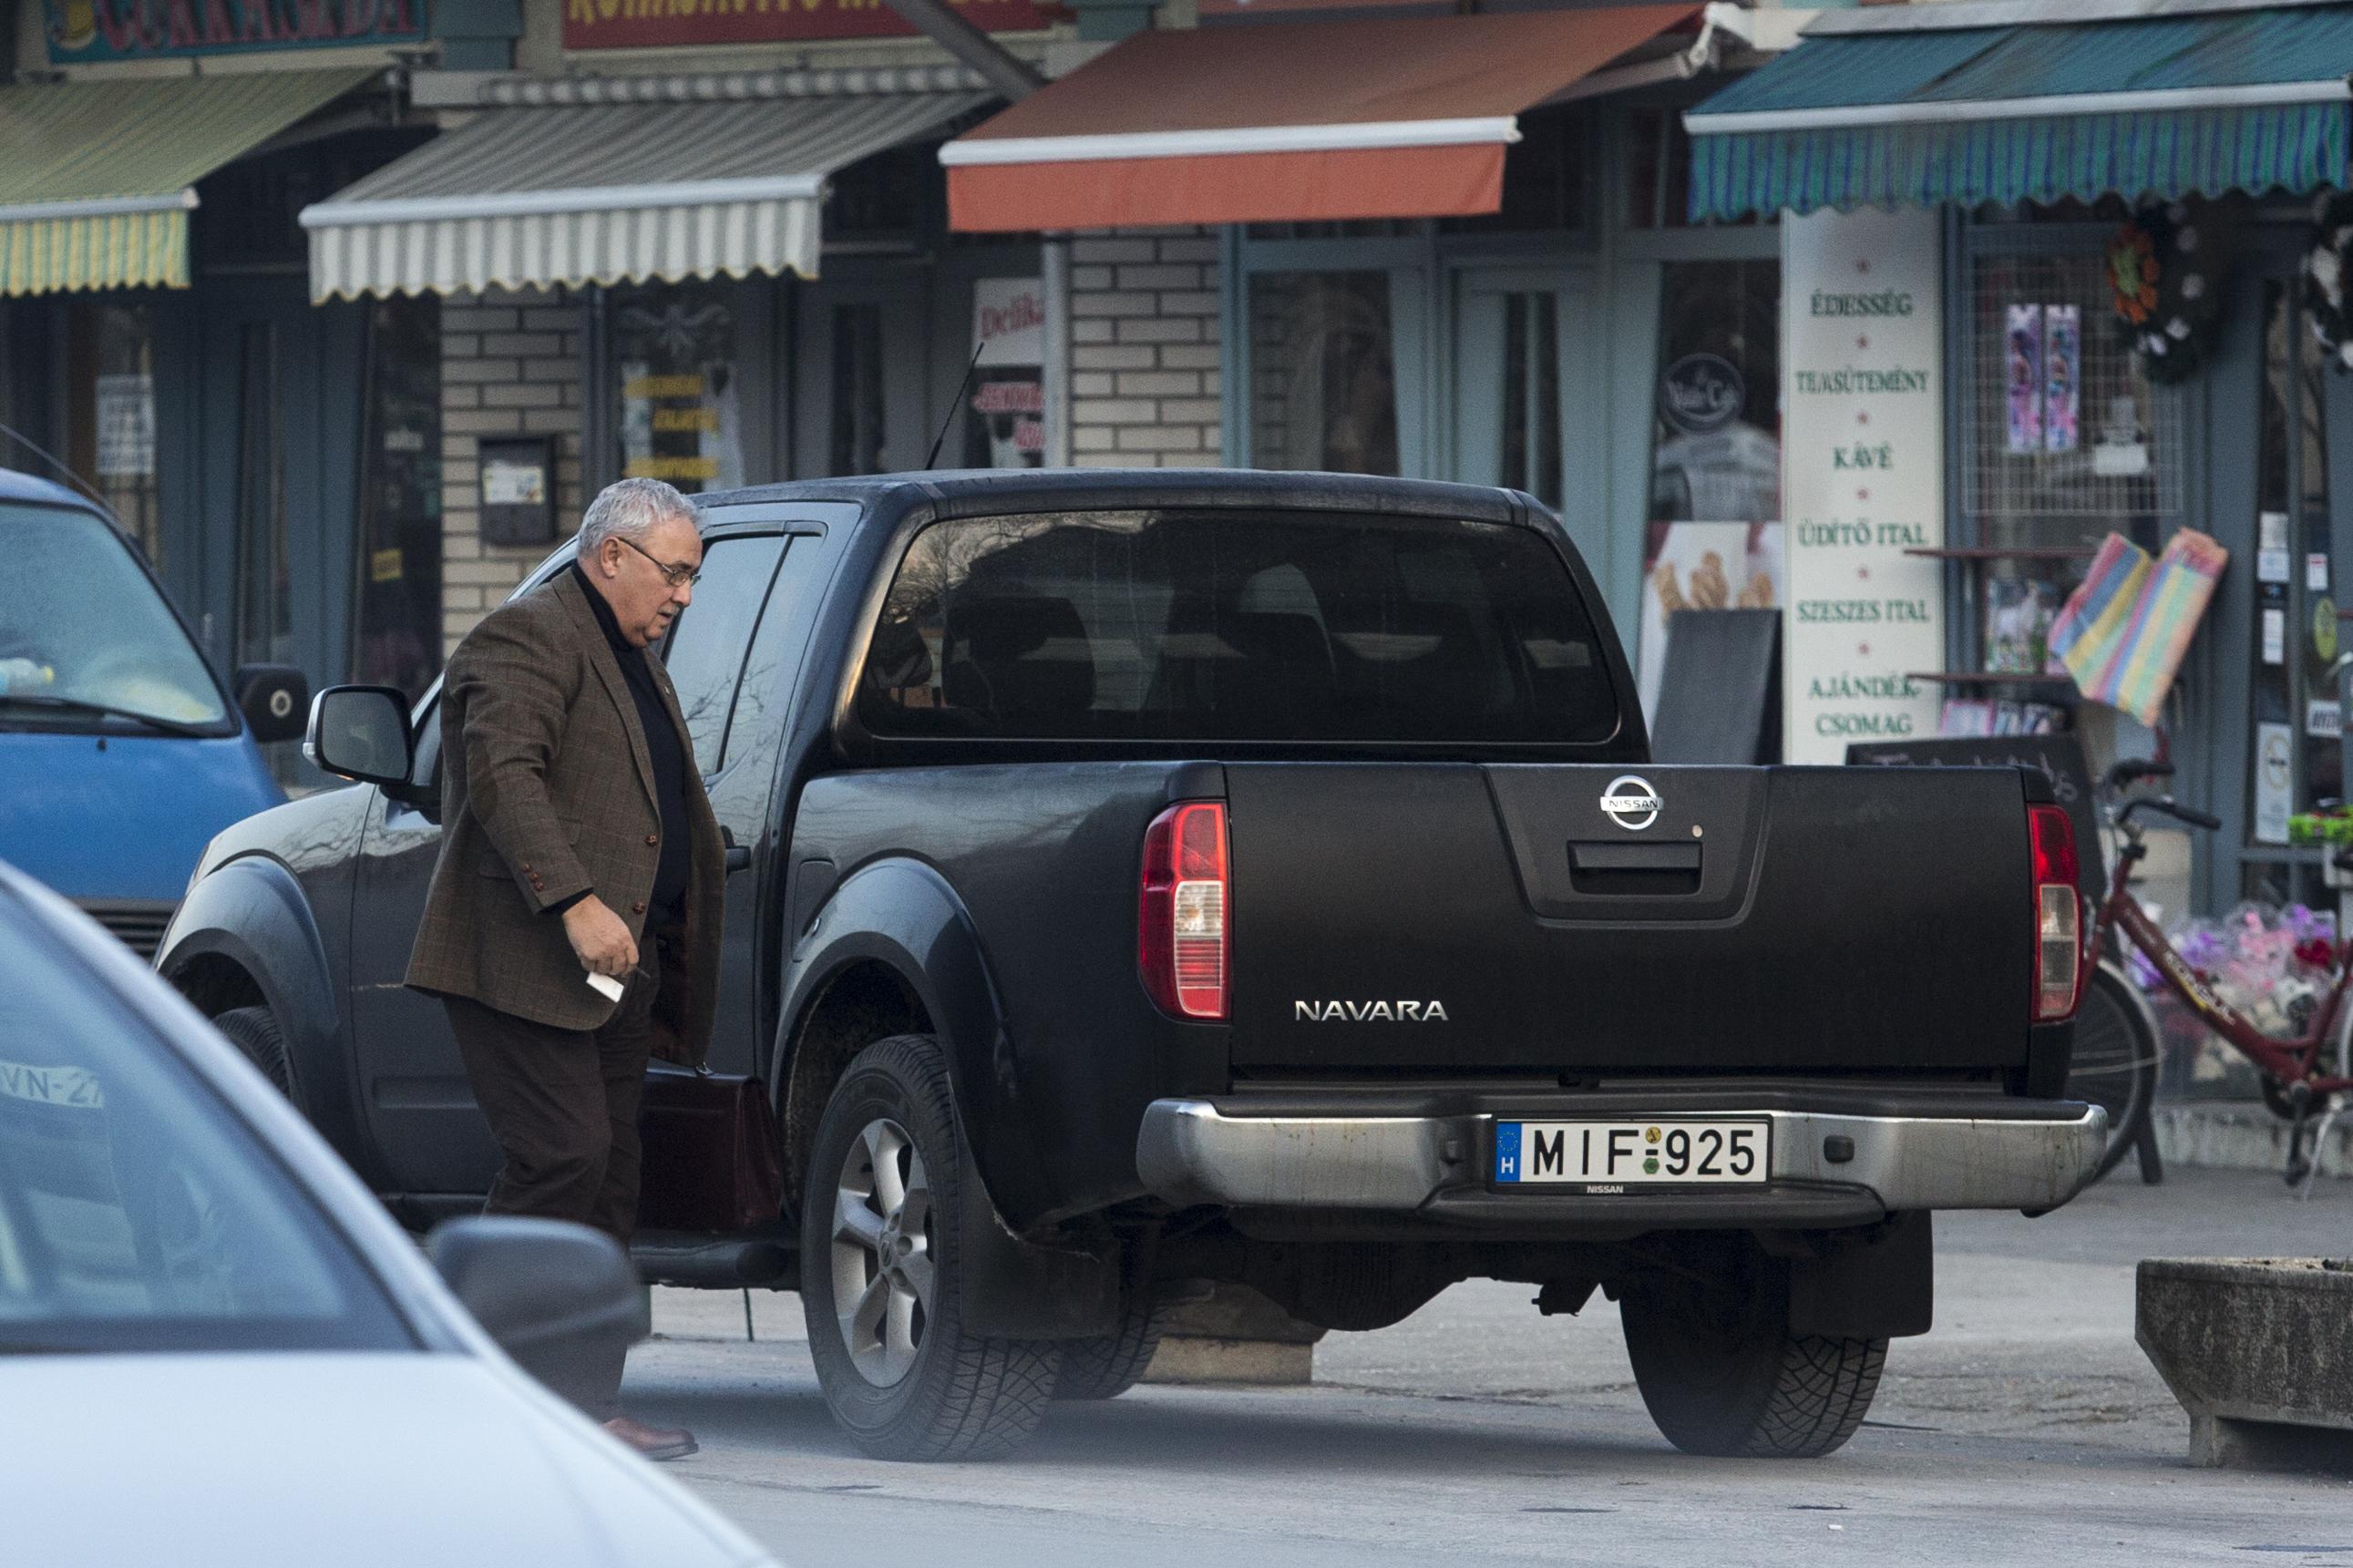 Nyomozást indított az ügyészség Mondok József izsáki polgármester ügyében, aki EU-s pénzből épített egy vadászházat, aztán fogta magát, és beköltözött